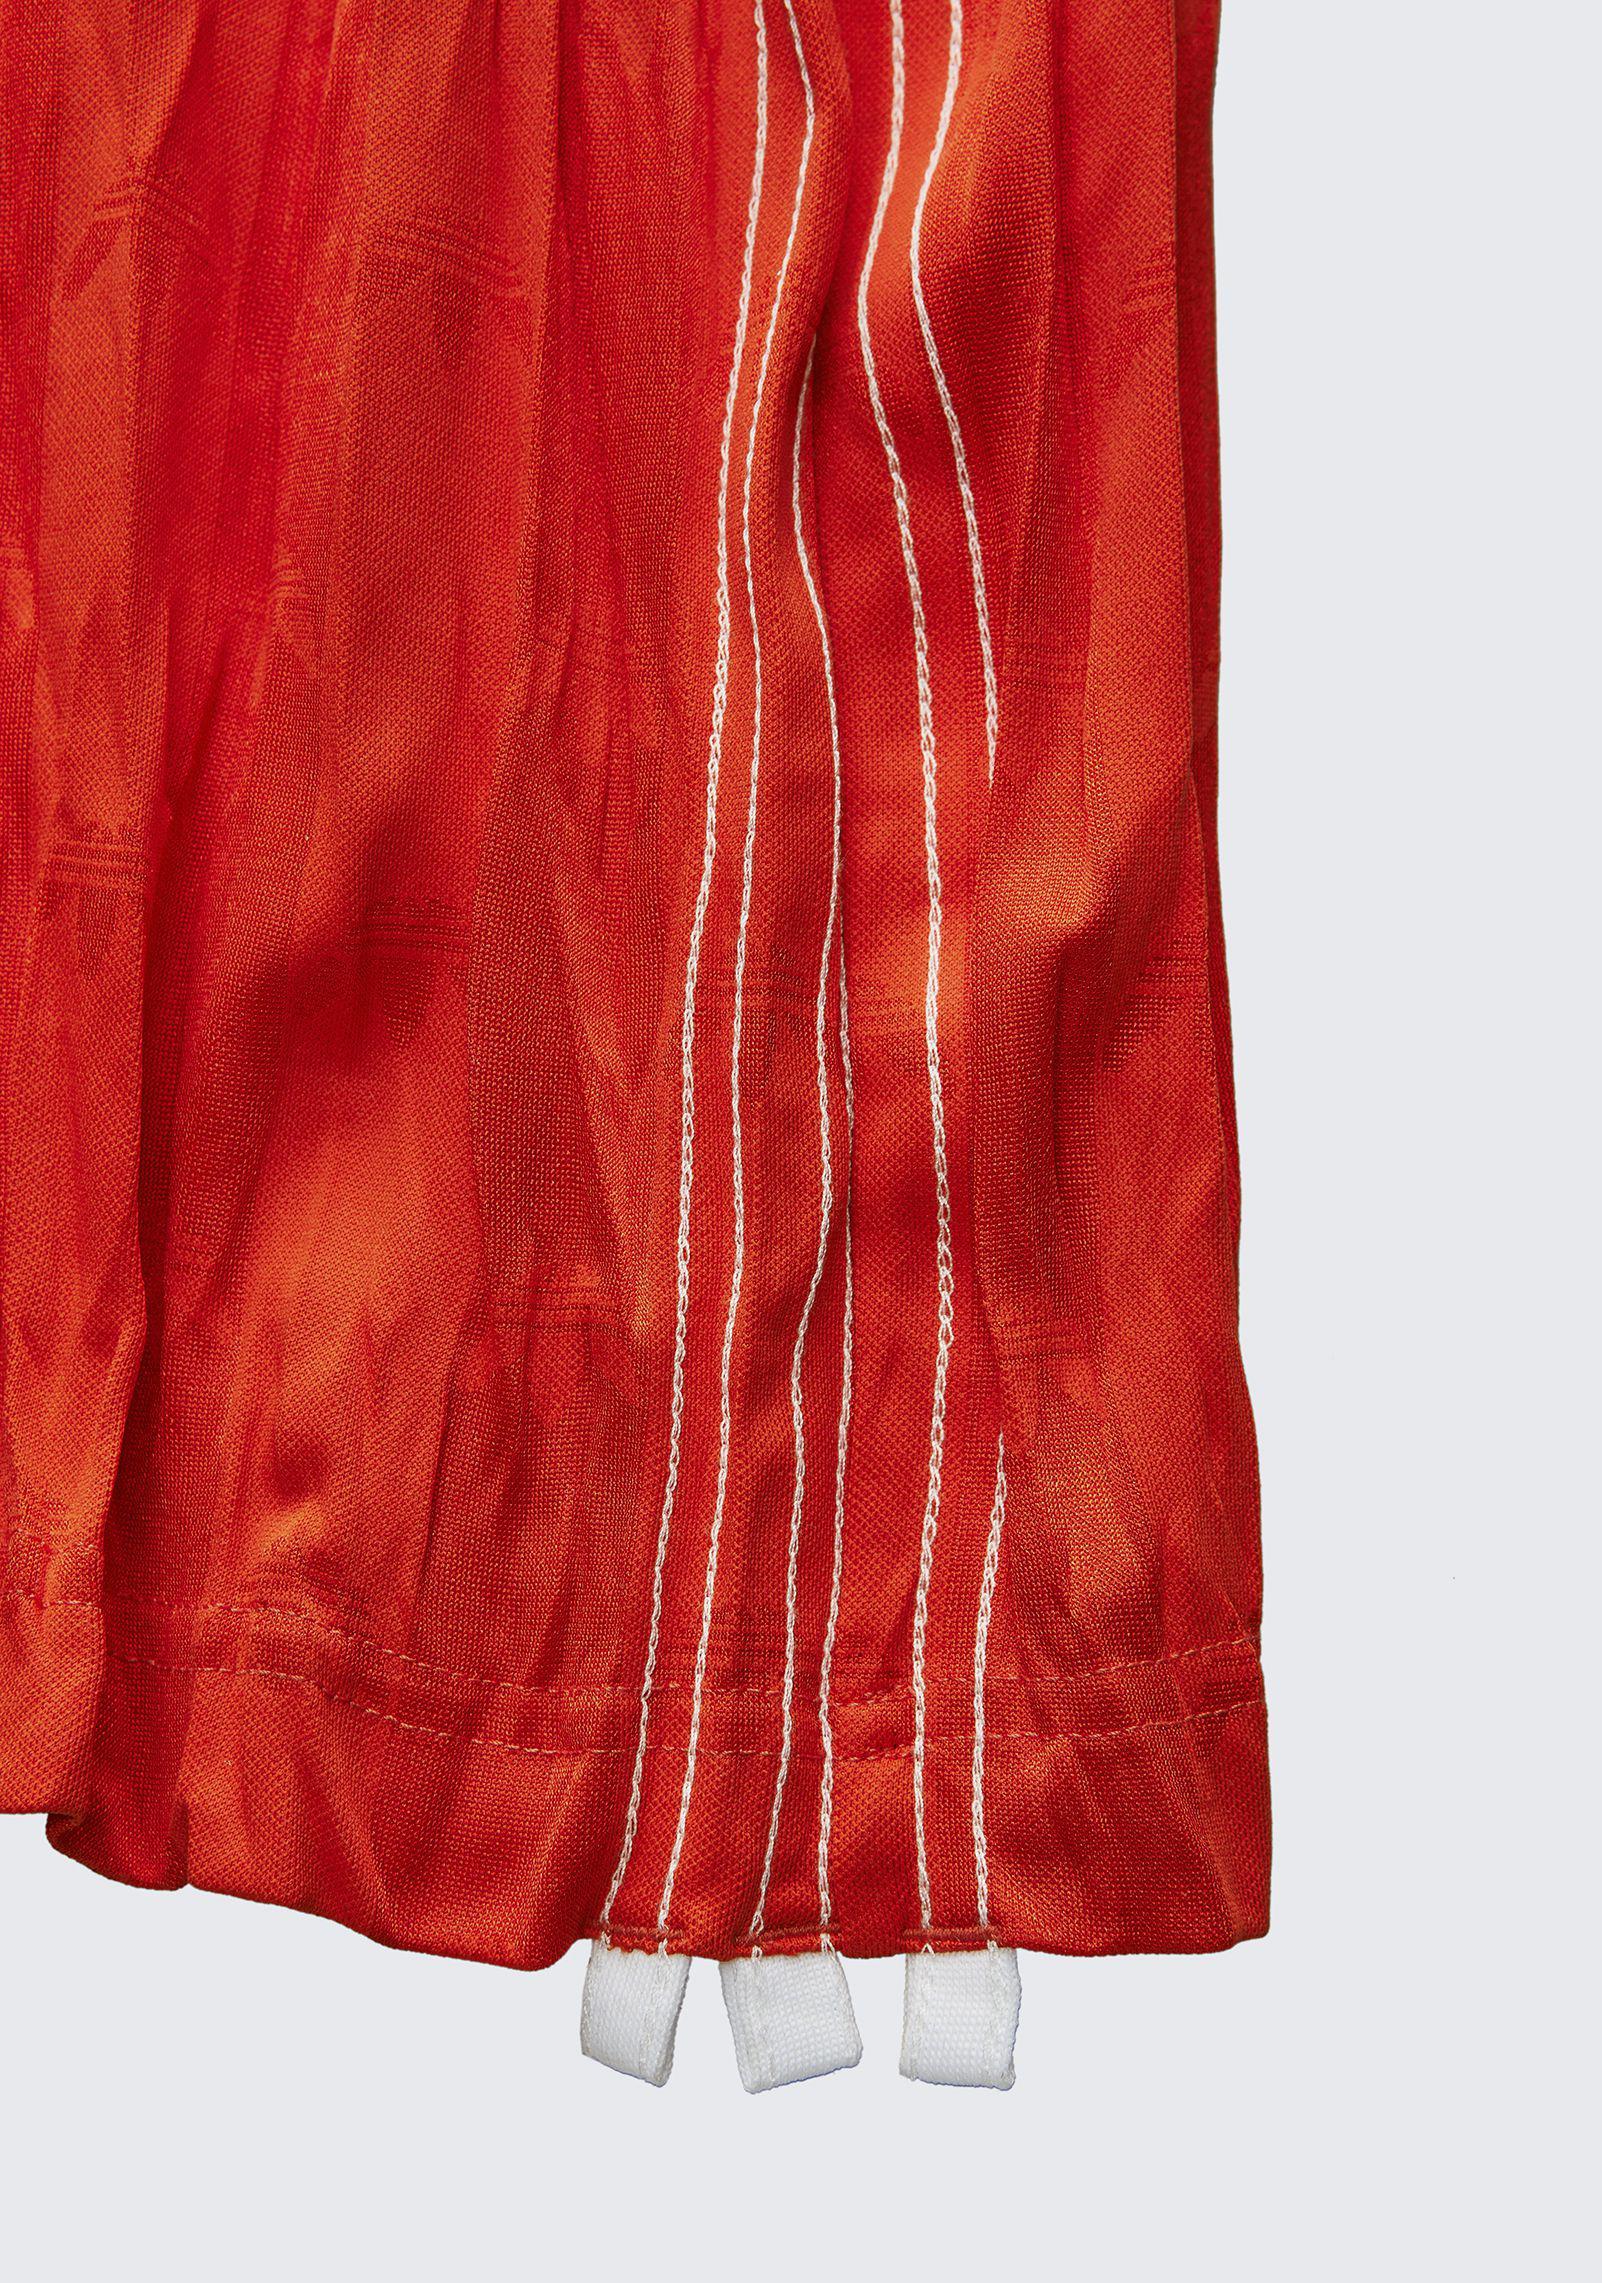 882d4d677ac Alexander Wang - Orange Adidas Originals By Aw Skirt - Lyst. View fullscreen